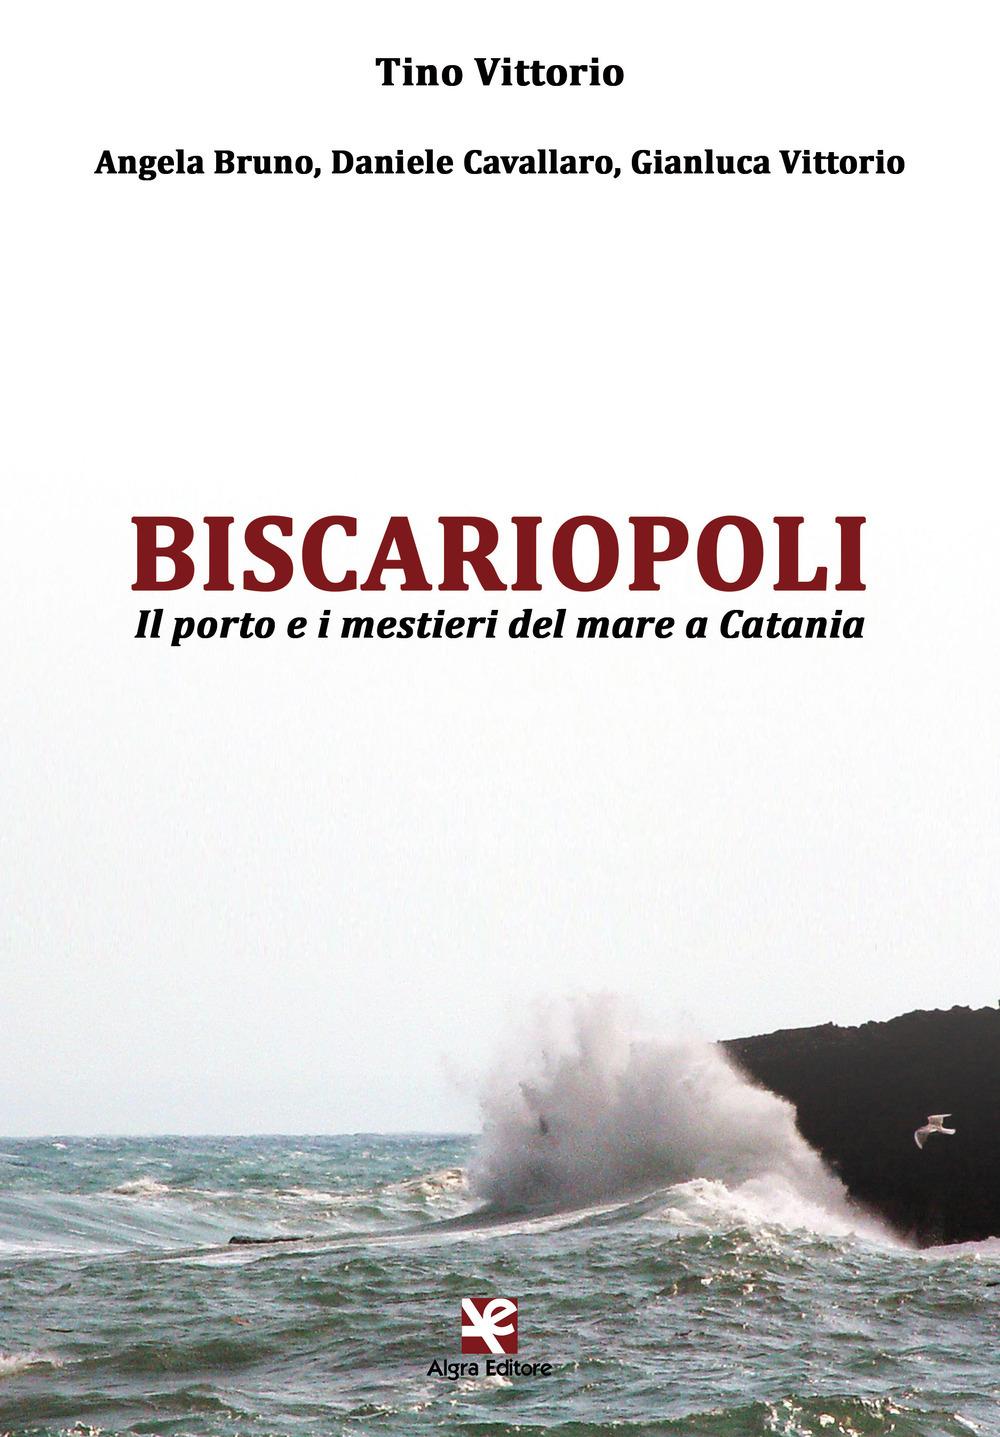 Biscariopoli